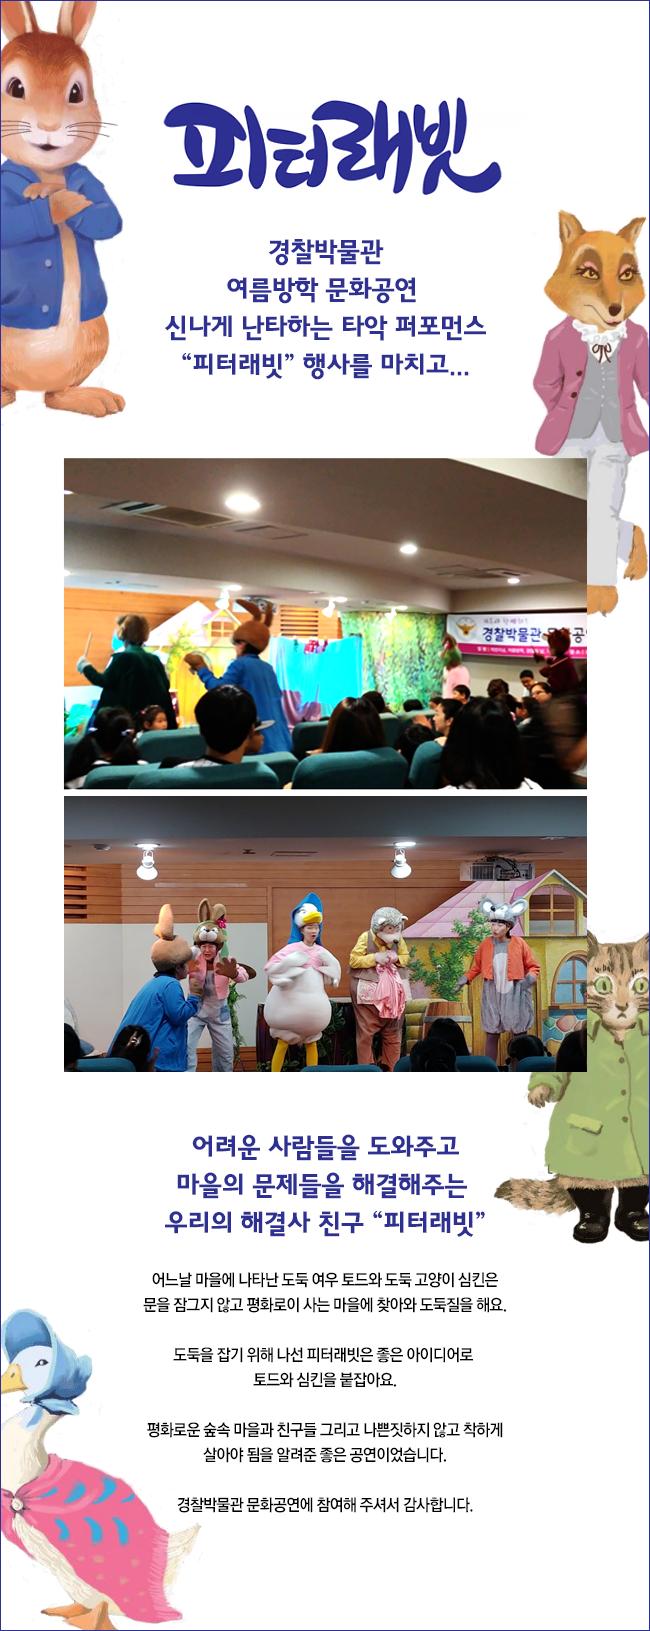 경찰박물관 어린이뮤지컬 [피터래빗] 공연 후기